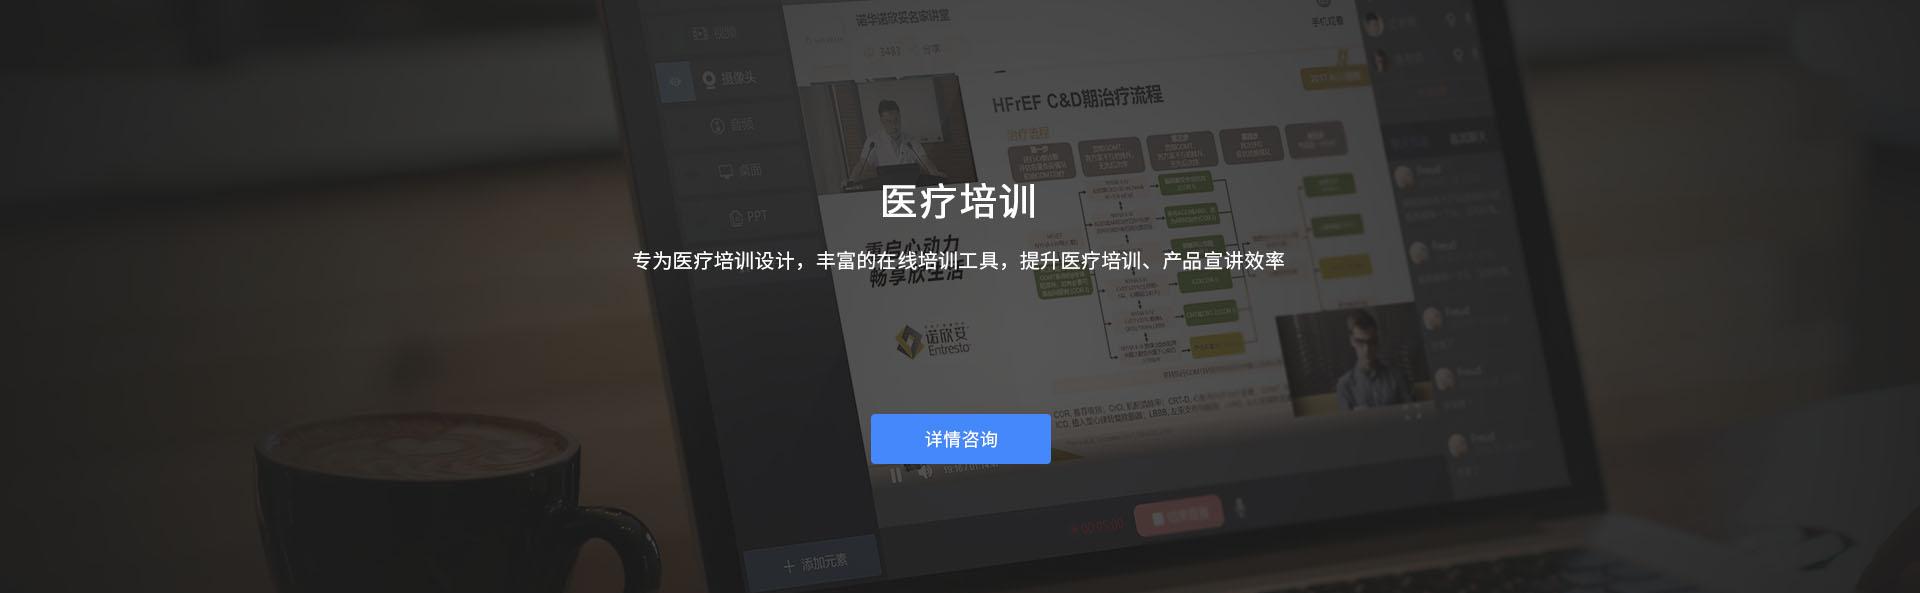 医学培训画板01.jpg